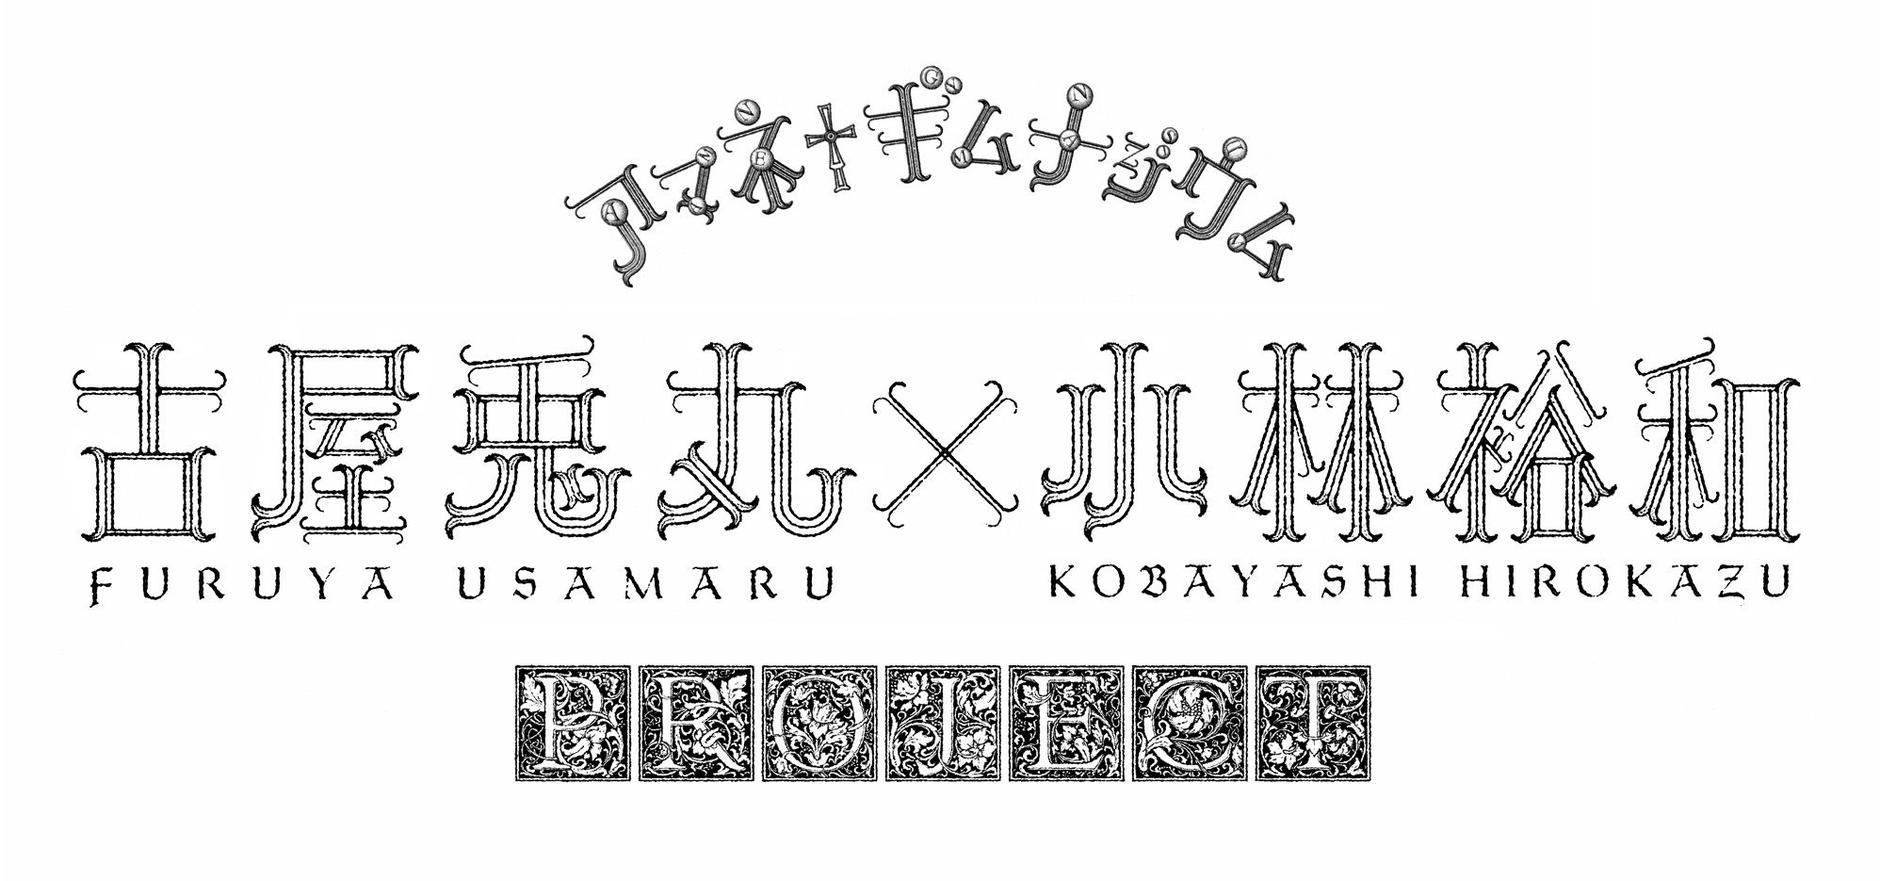 古屋兎丸×小林裕和 1st Project「アマネ✝ギムナジウム〜もうひとつの世界〜」